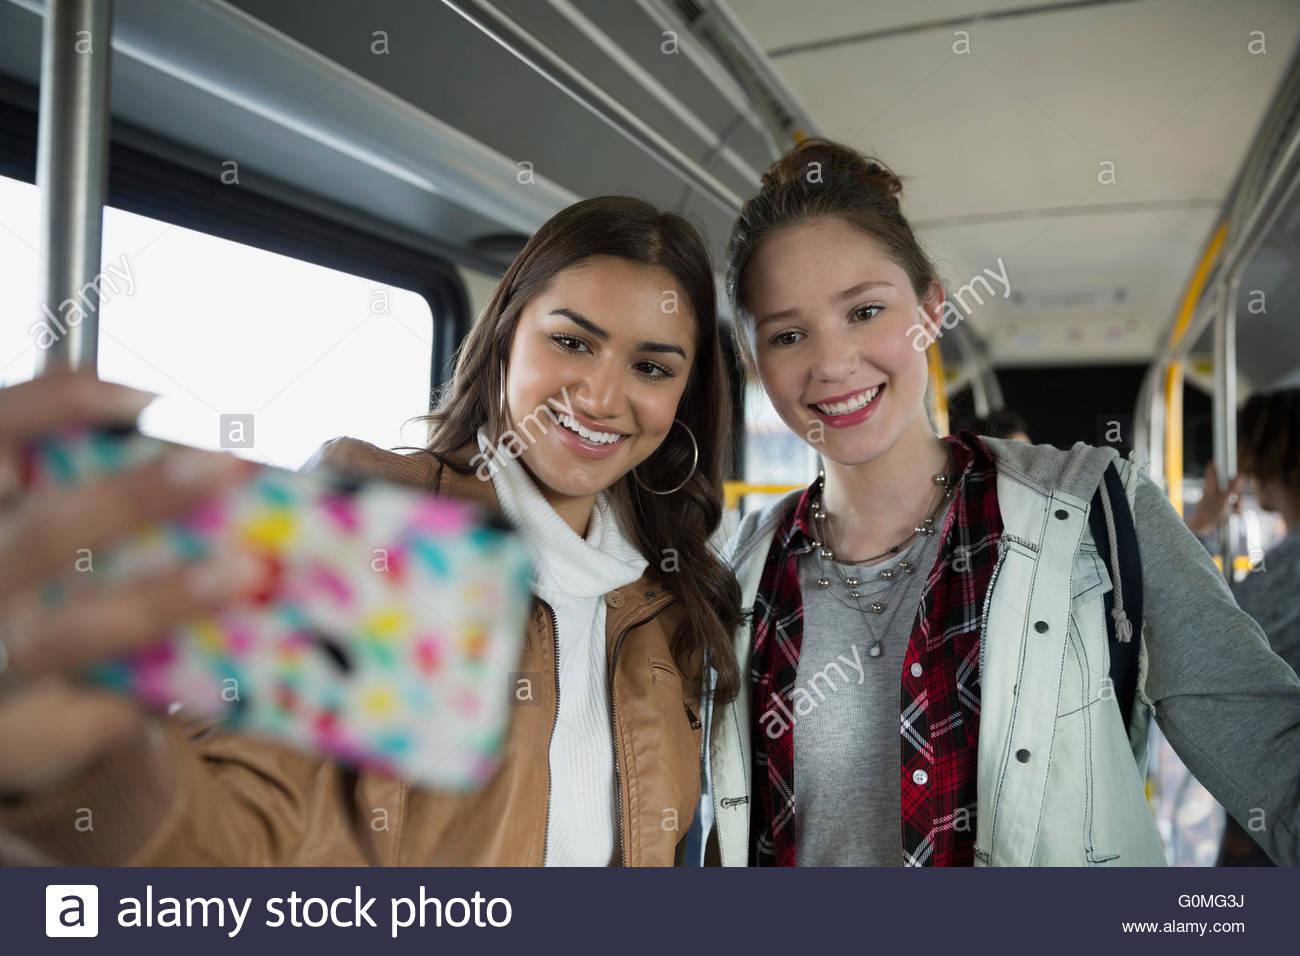 Le ragazze adolescenti tenendo selfie telefono cellulare sul bus Immagini Stock